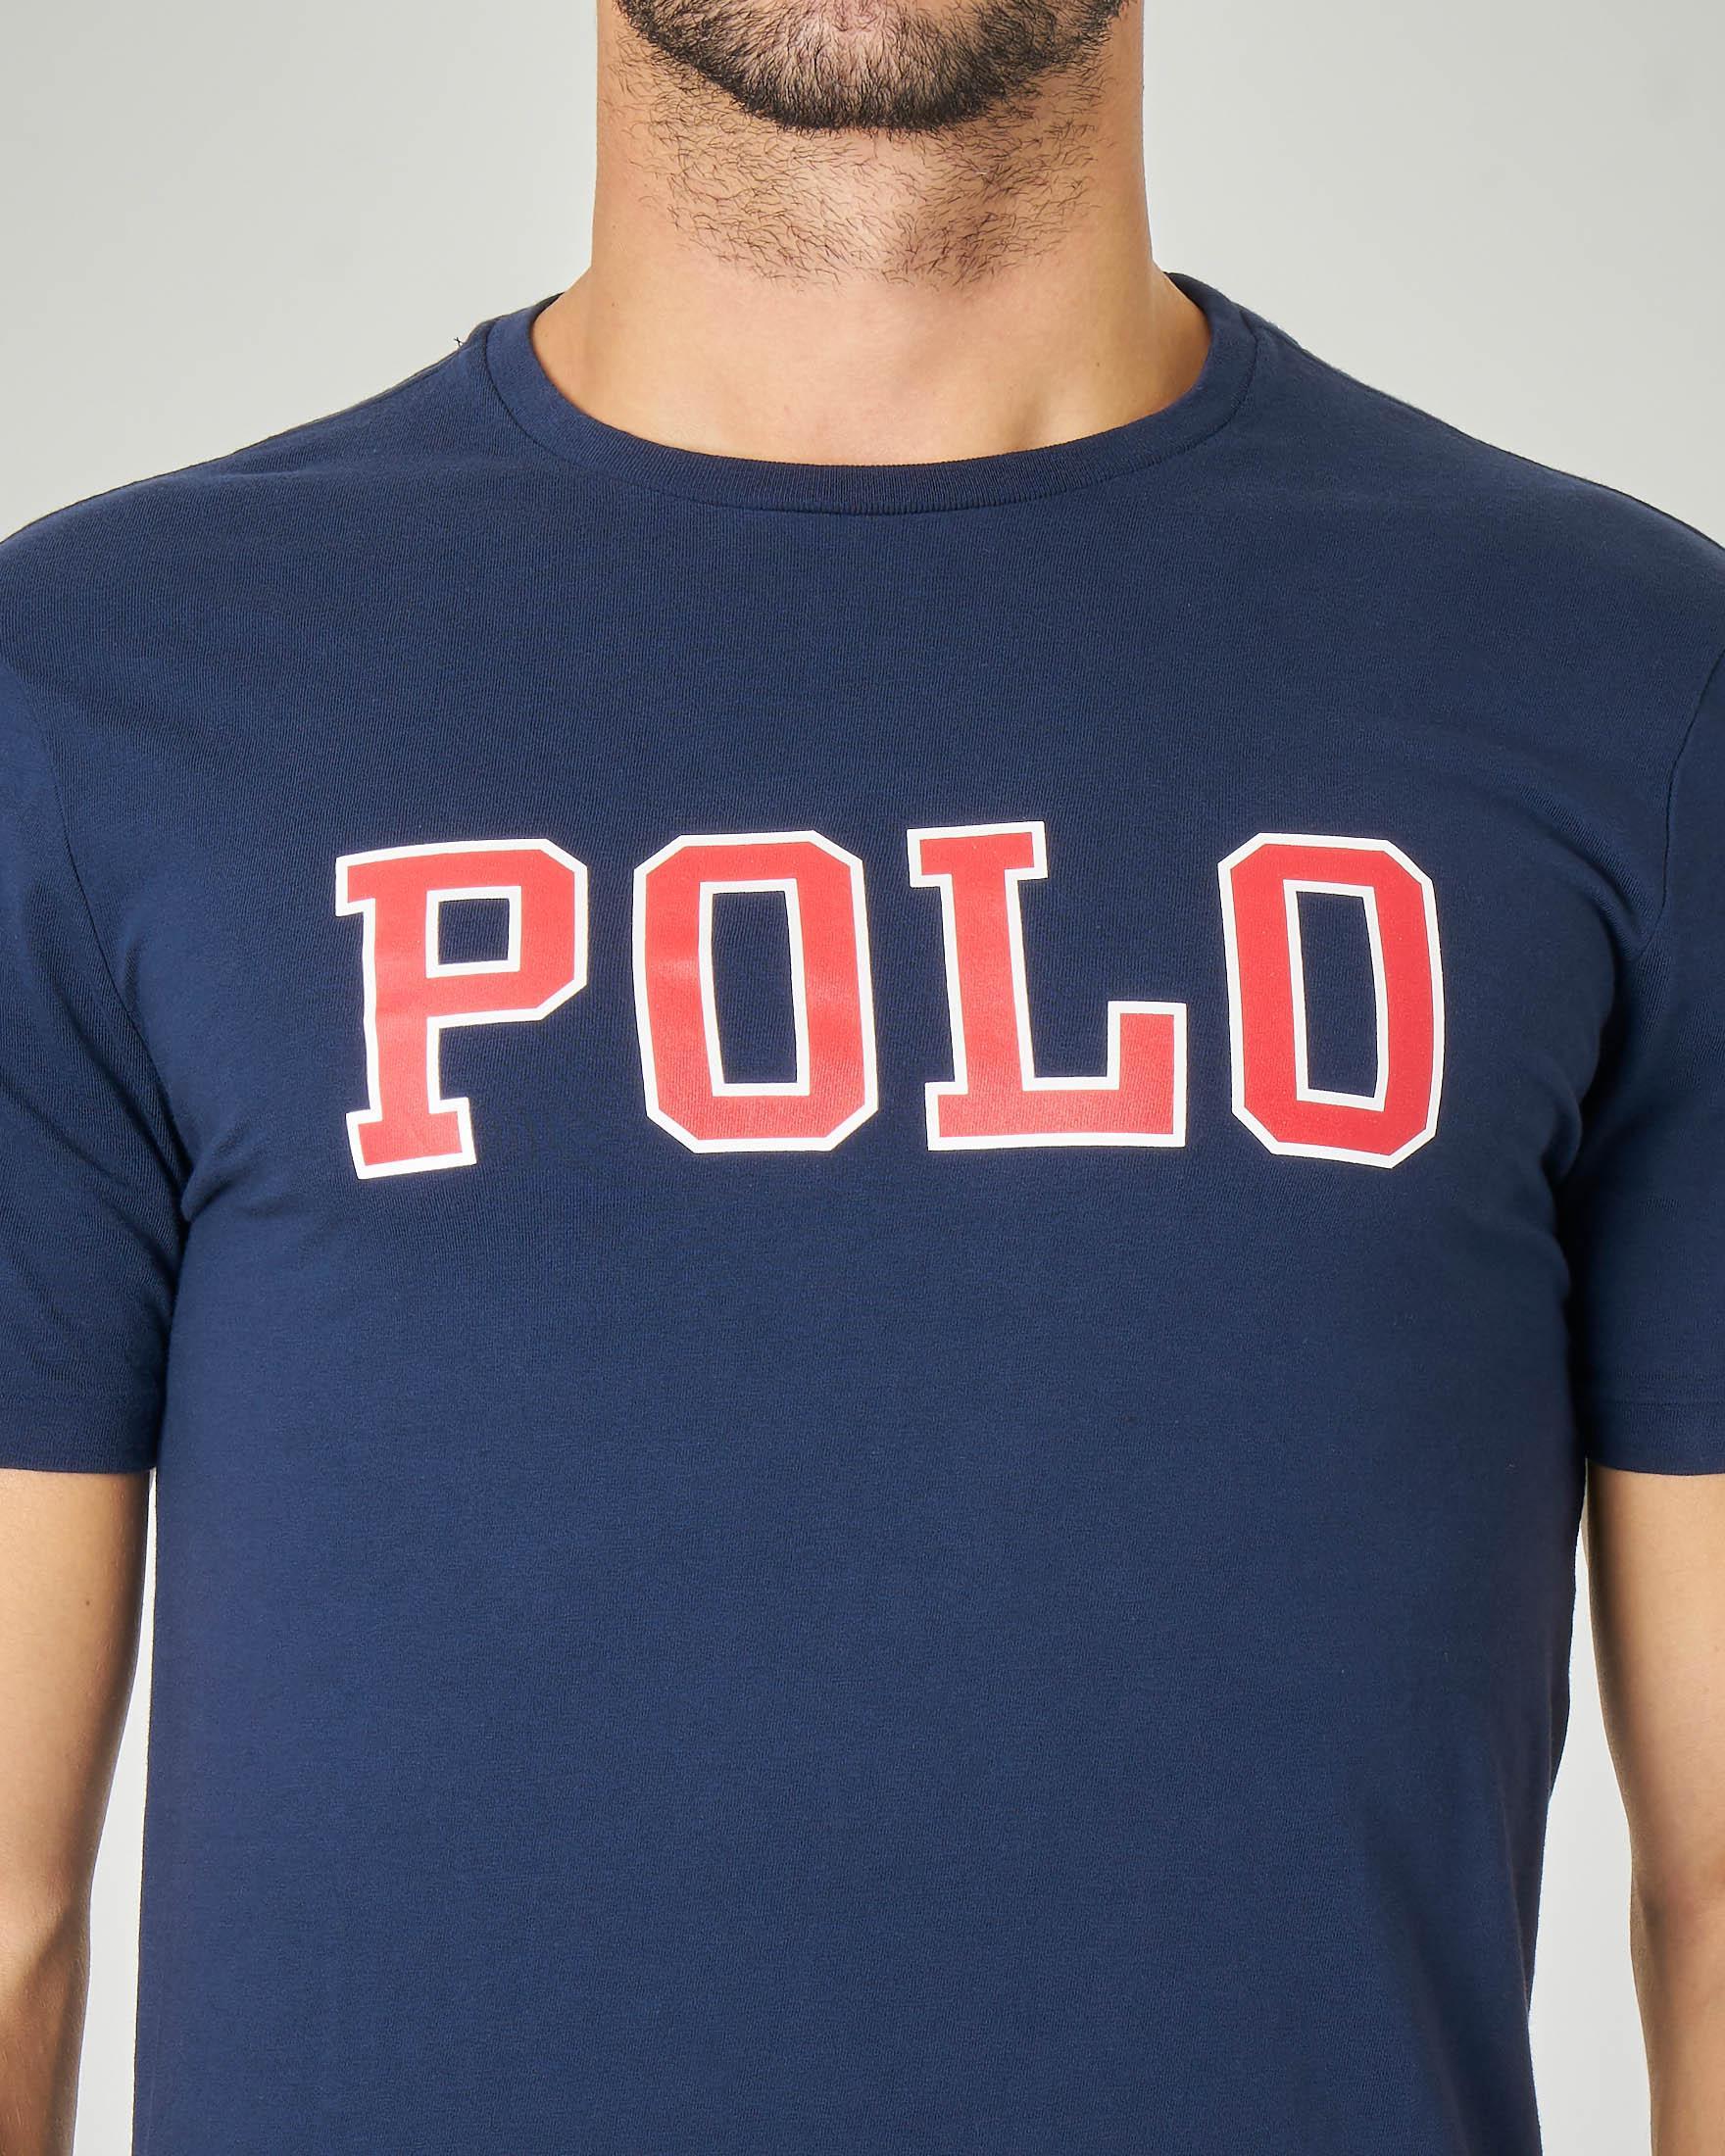 T-shirt blu mezza manica con logo Polo rosso stampato